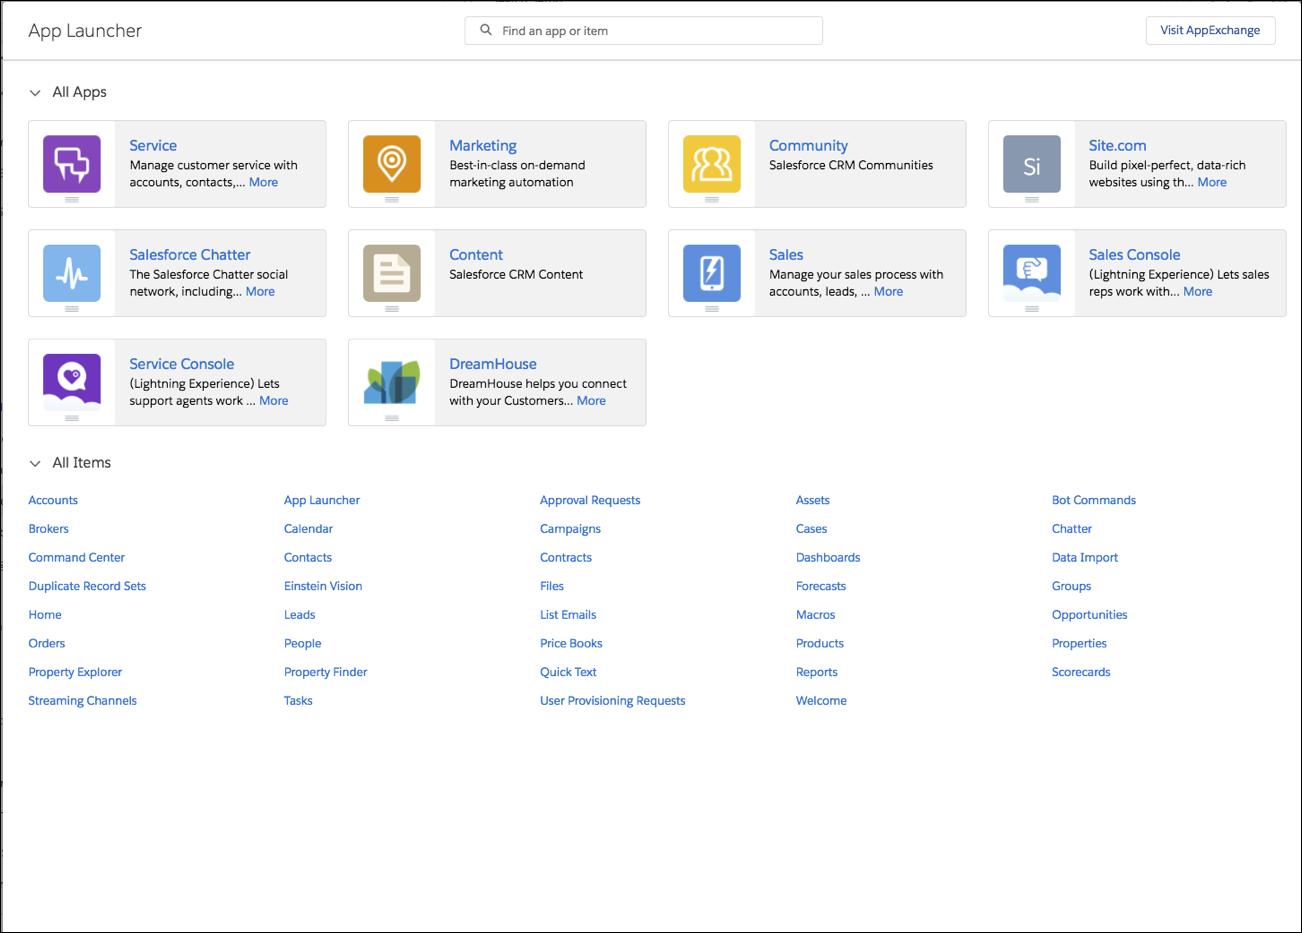 組織の左上のアプリケーションランチャーボタンをクリックすると、すべてのインストール済みアプリケーションのリストが表示されます。DreamHouse はこちらに表示されます。クリックしてアプリケーションを起動できます。